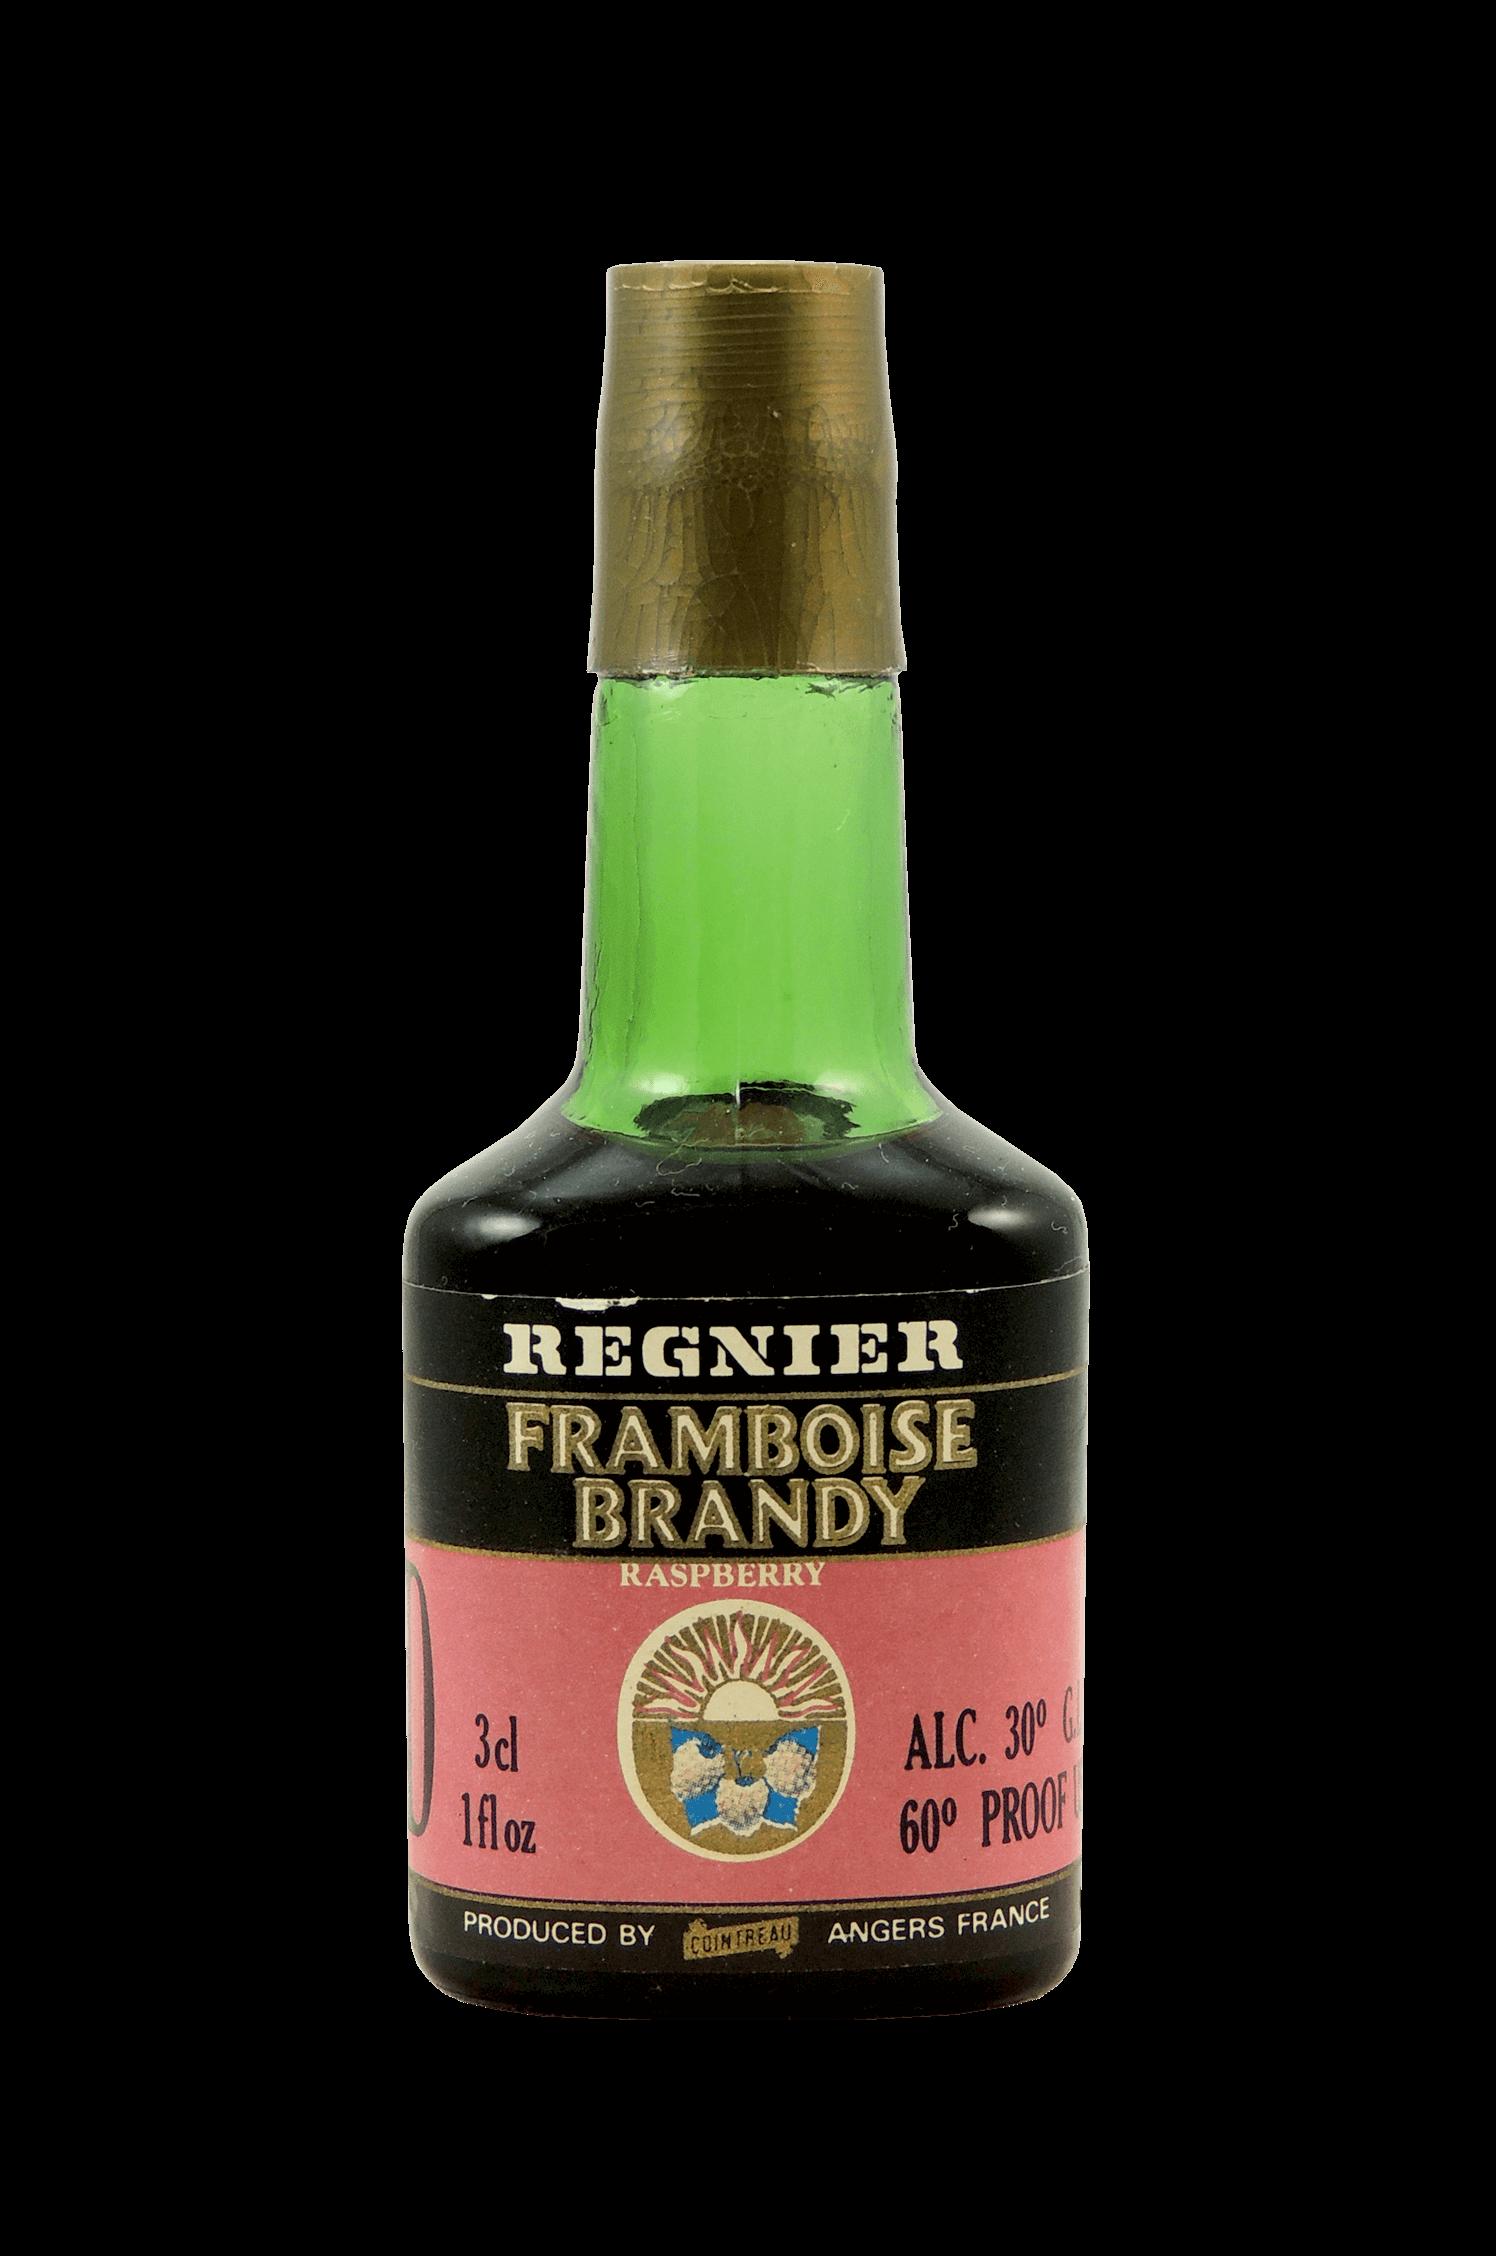 Regnier Framboise Brandy